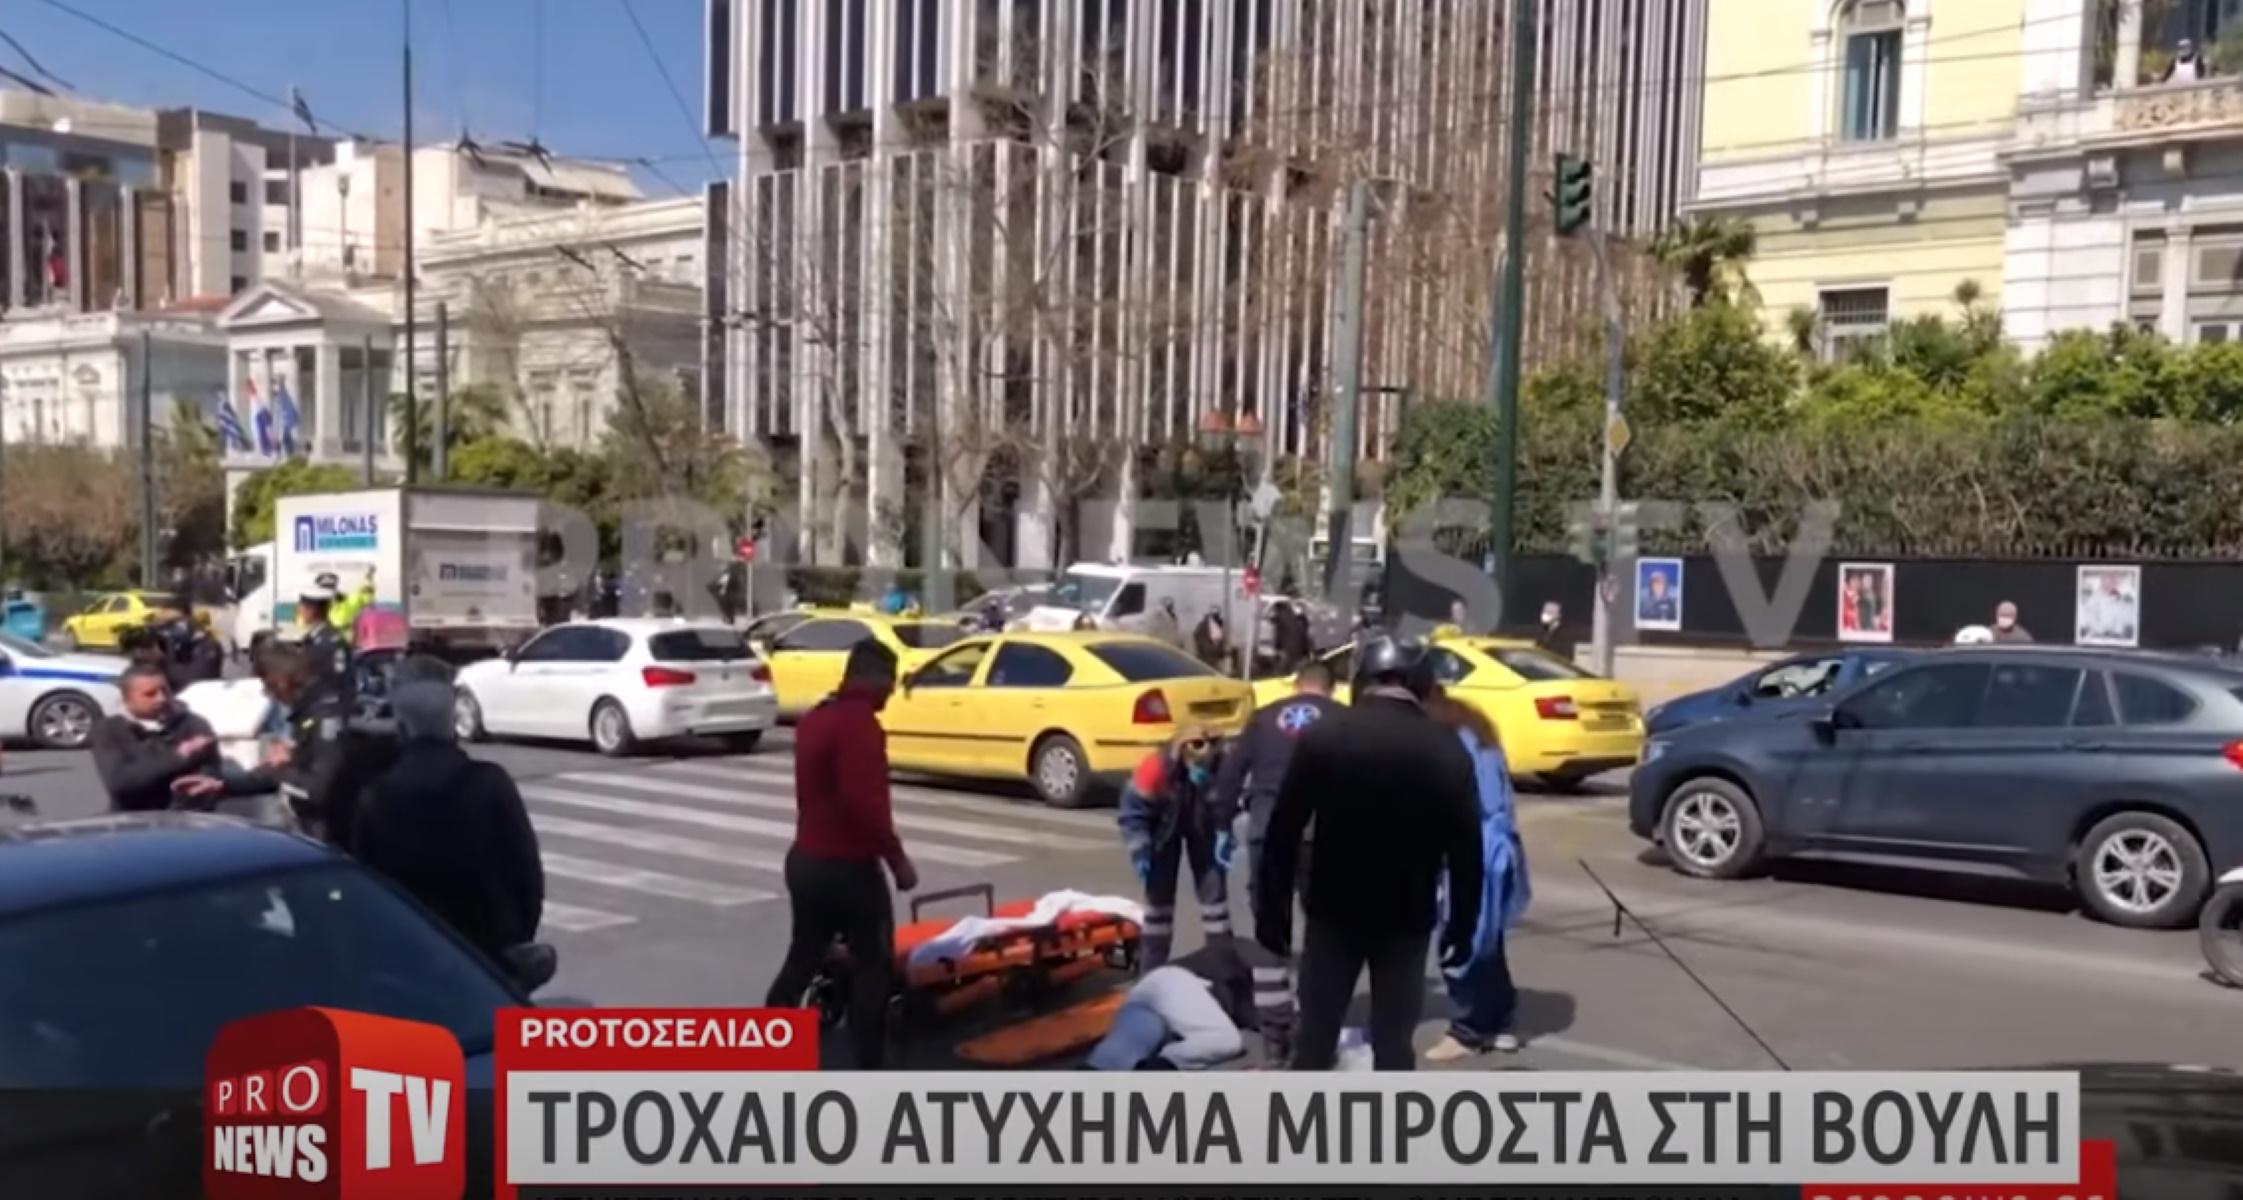 Τροχαίο στη Βουλή: Γιατί δεν συνελήφθη ο αστυνομικός – οδηγός της Ντόρας Μπακογιάννη (Video)